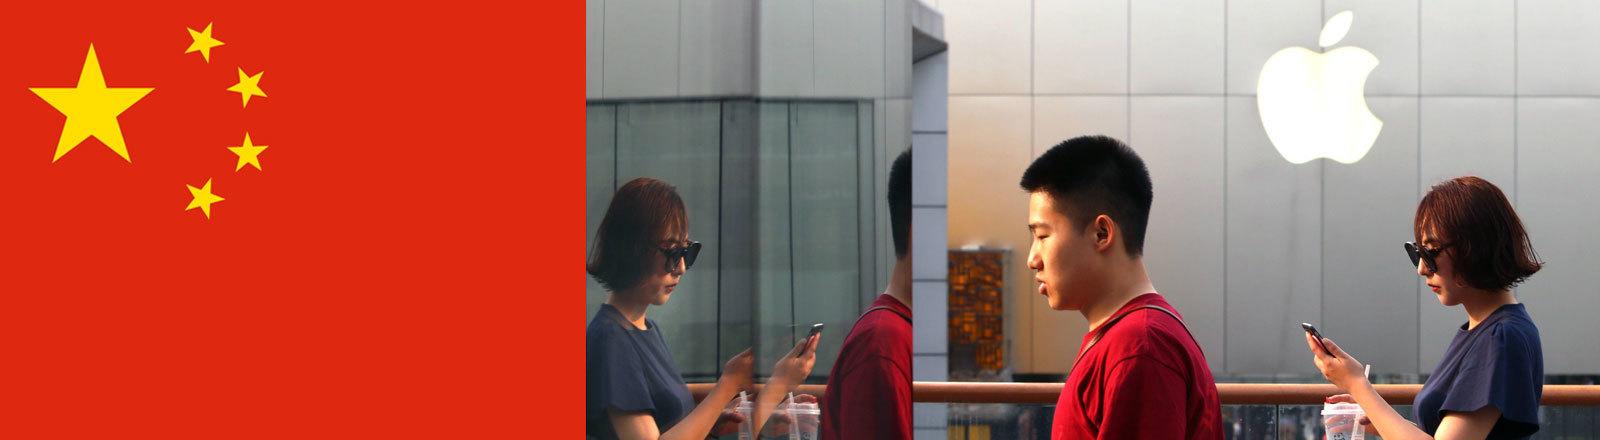 Chinesische Flagge / Chinesen laufen an Apple-Store in Peking vorbei